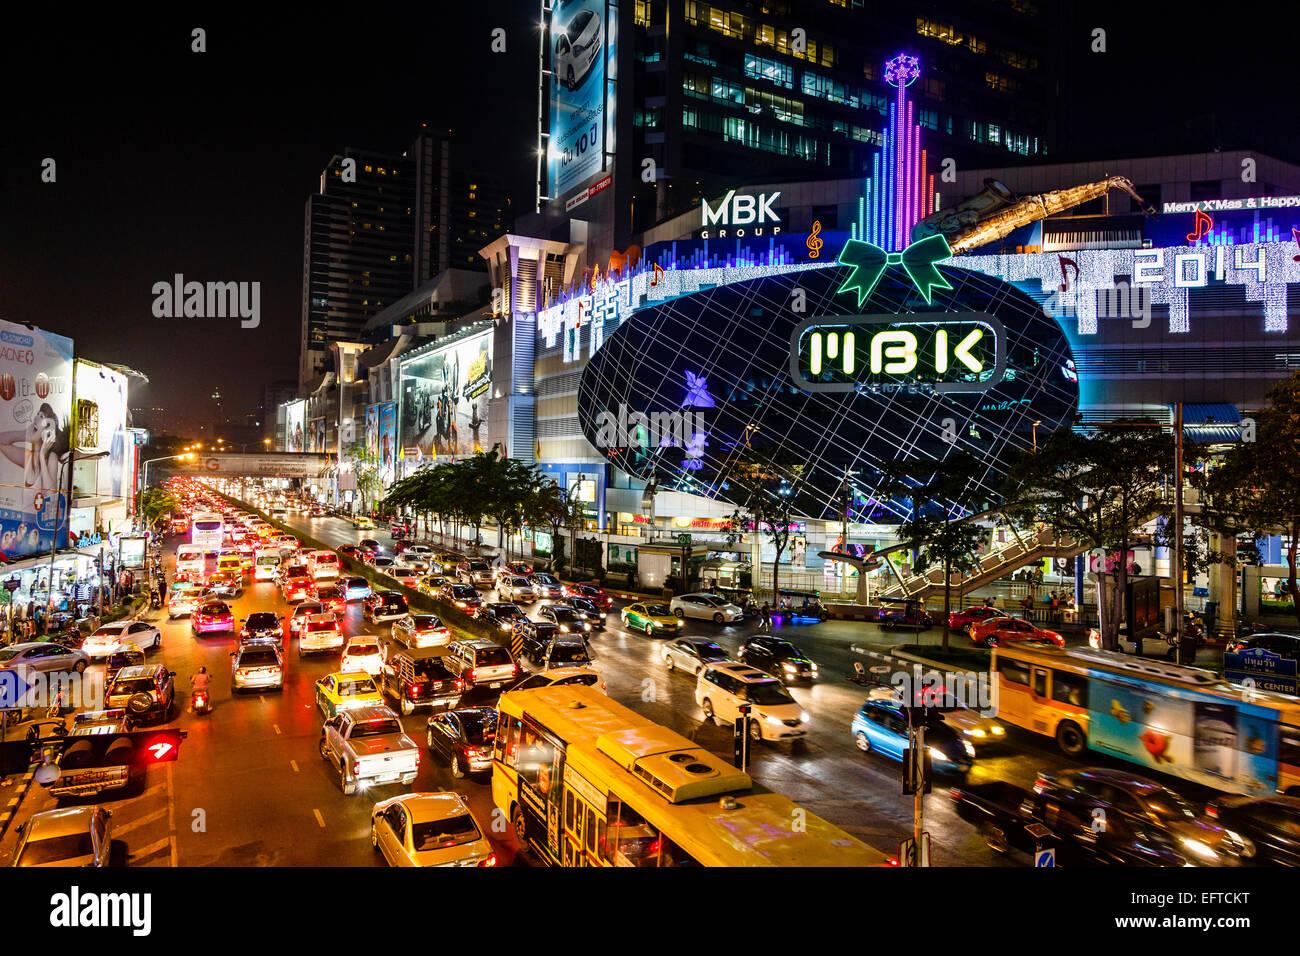 Bkk forex city plaza